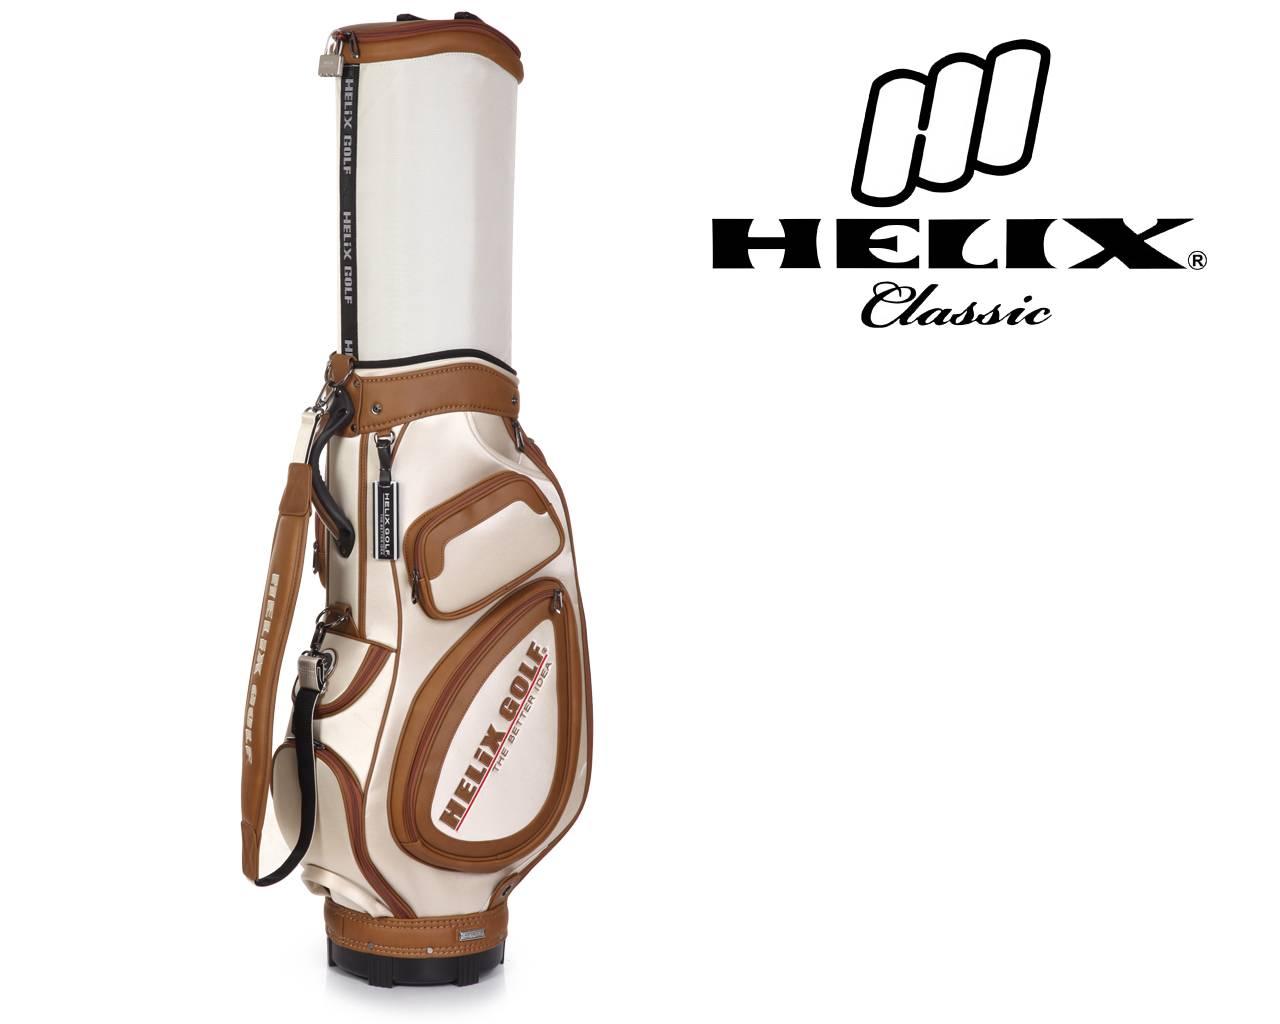 Helix HI9643 Golf Travel Bag